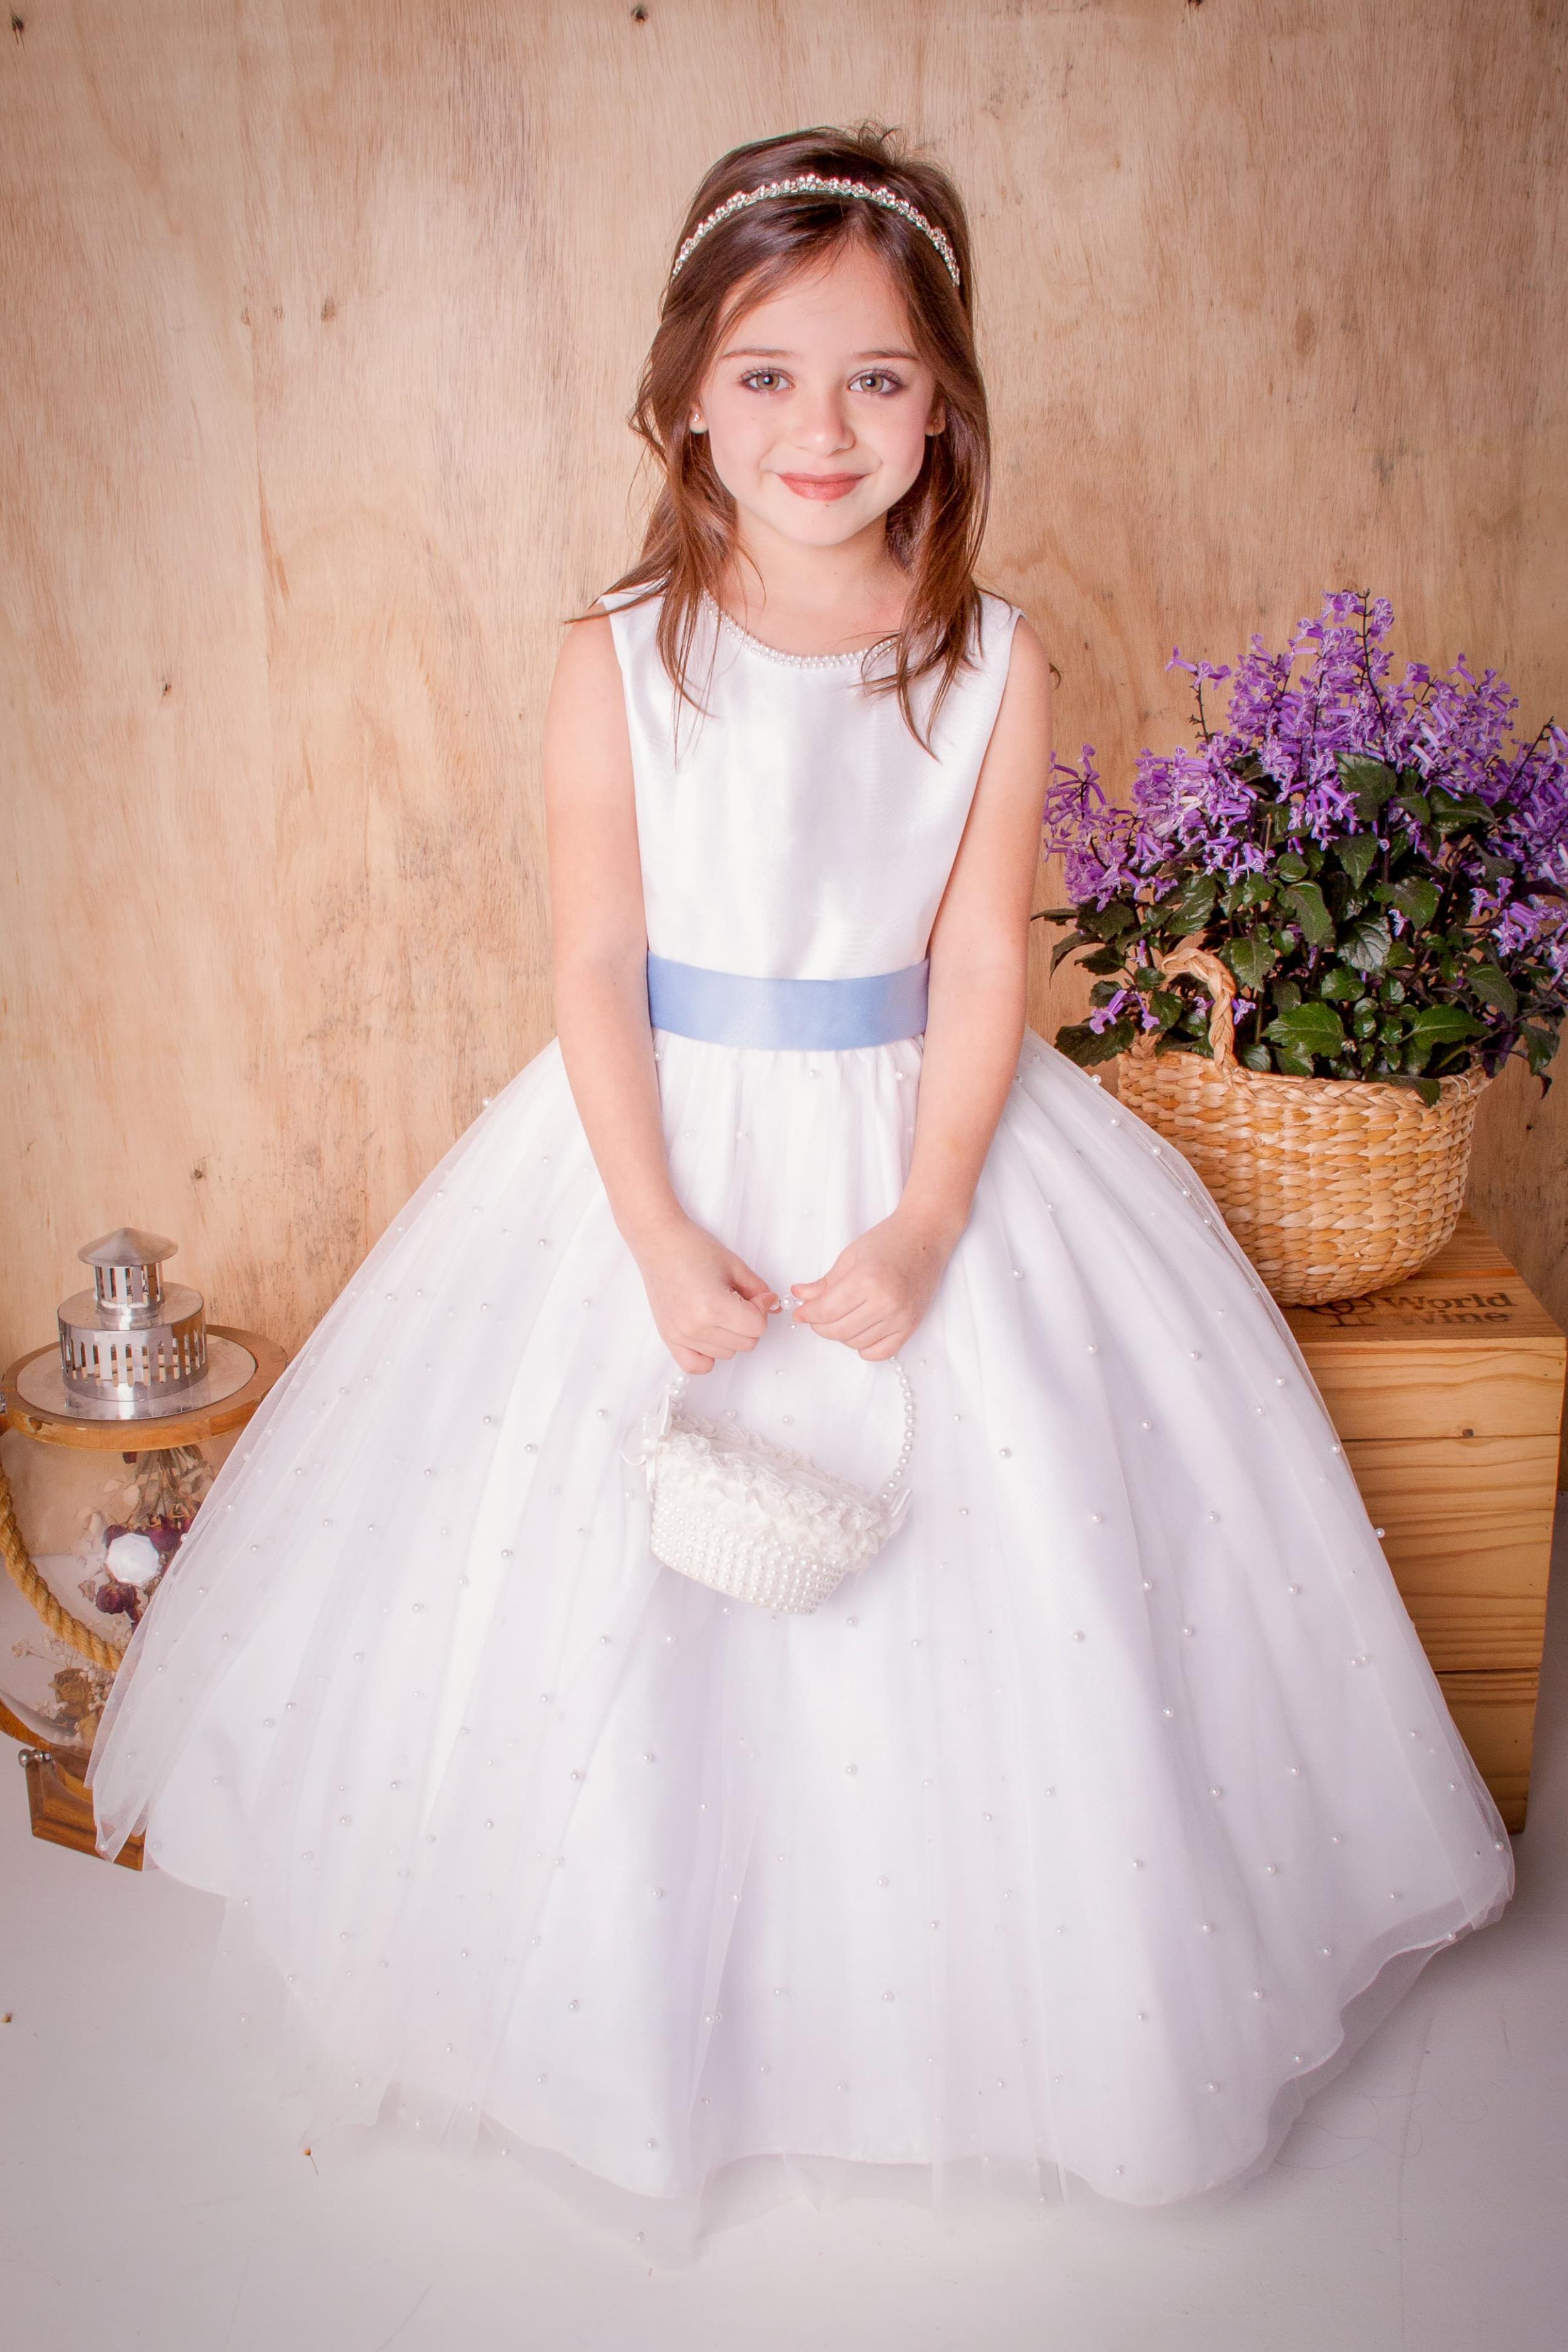 13 - Vestido de dama branco com perolinhas na saia